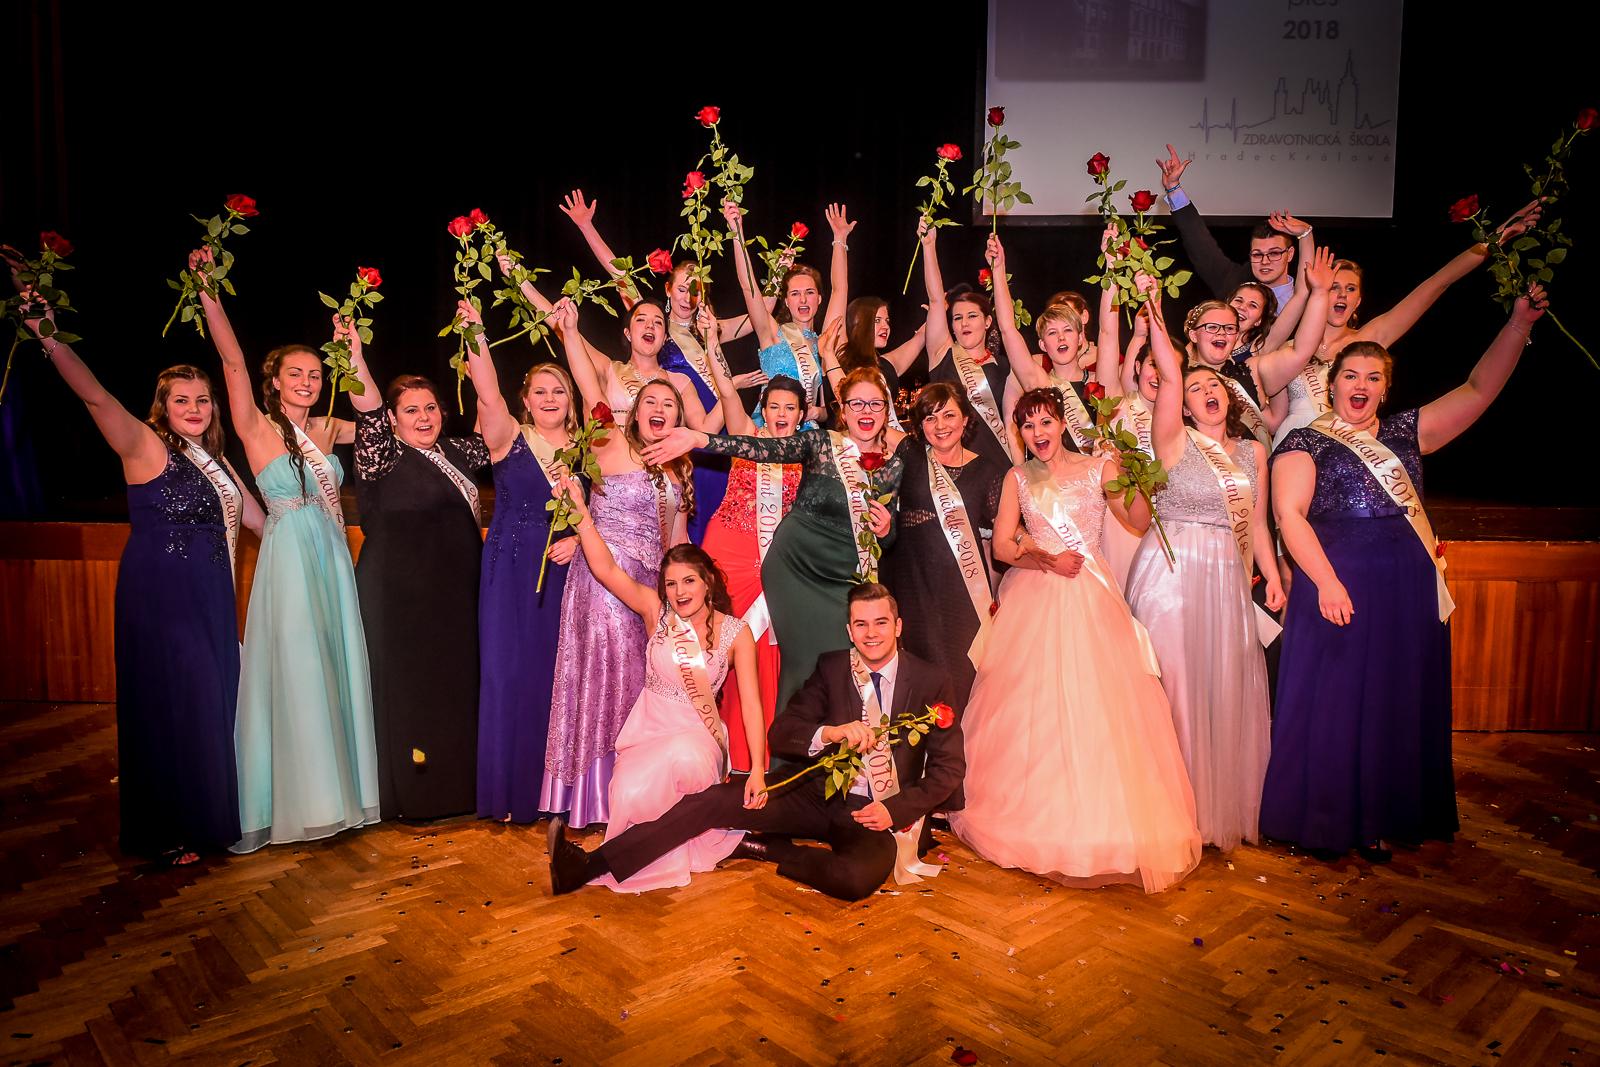 Focení maturitních plesů jde do finále!